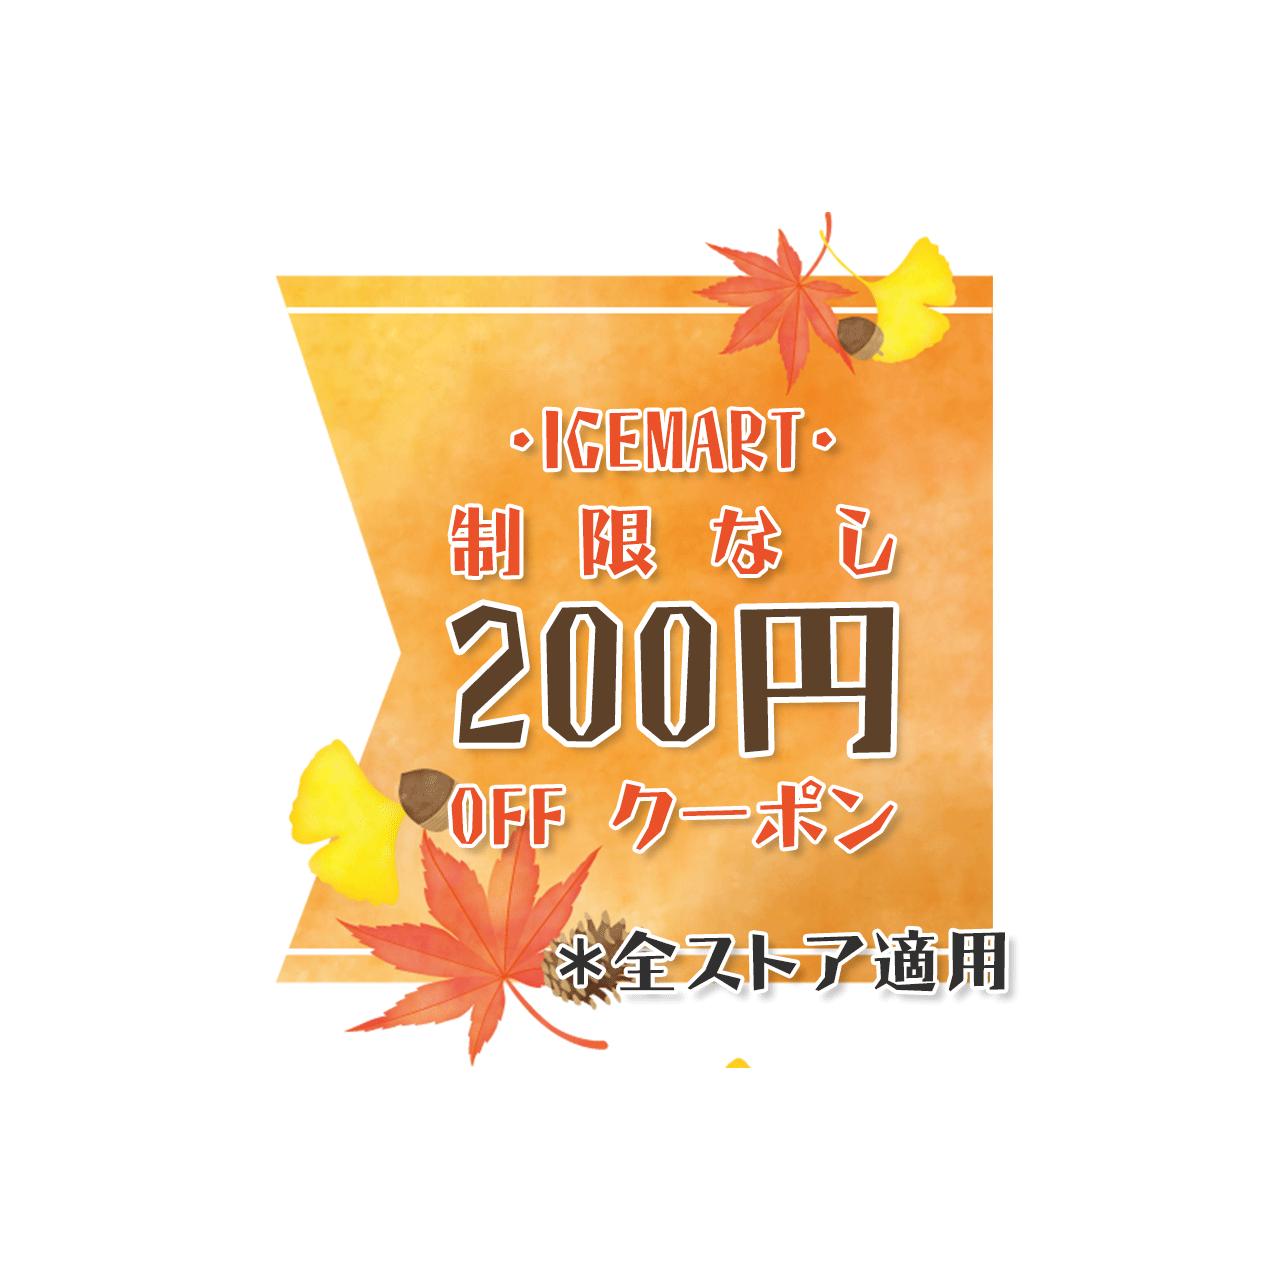 200円日常クーポン10